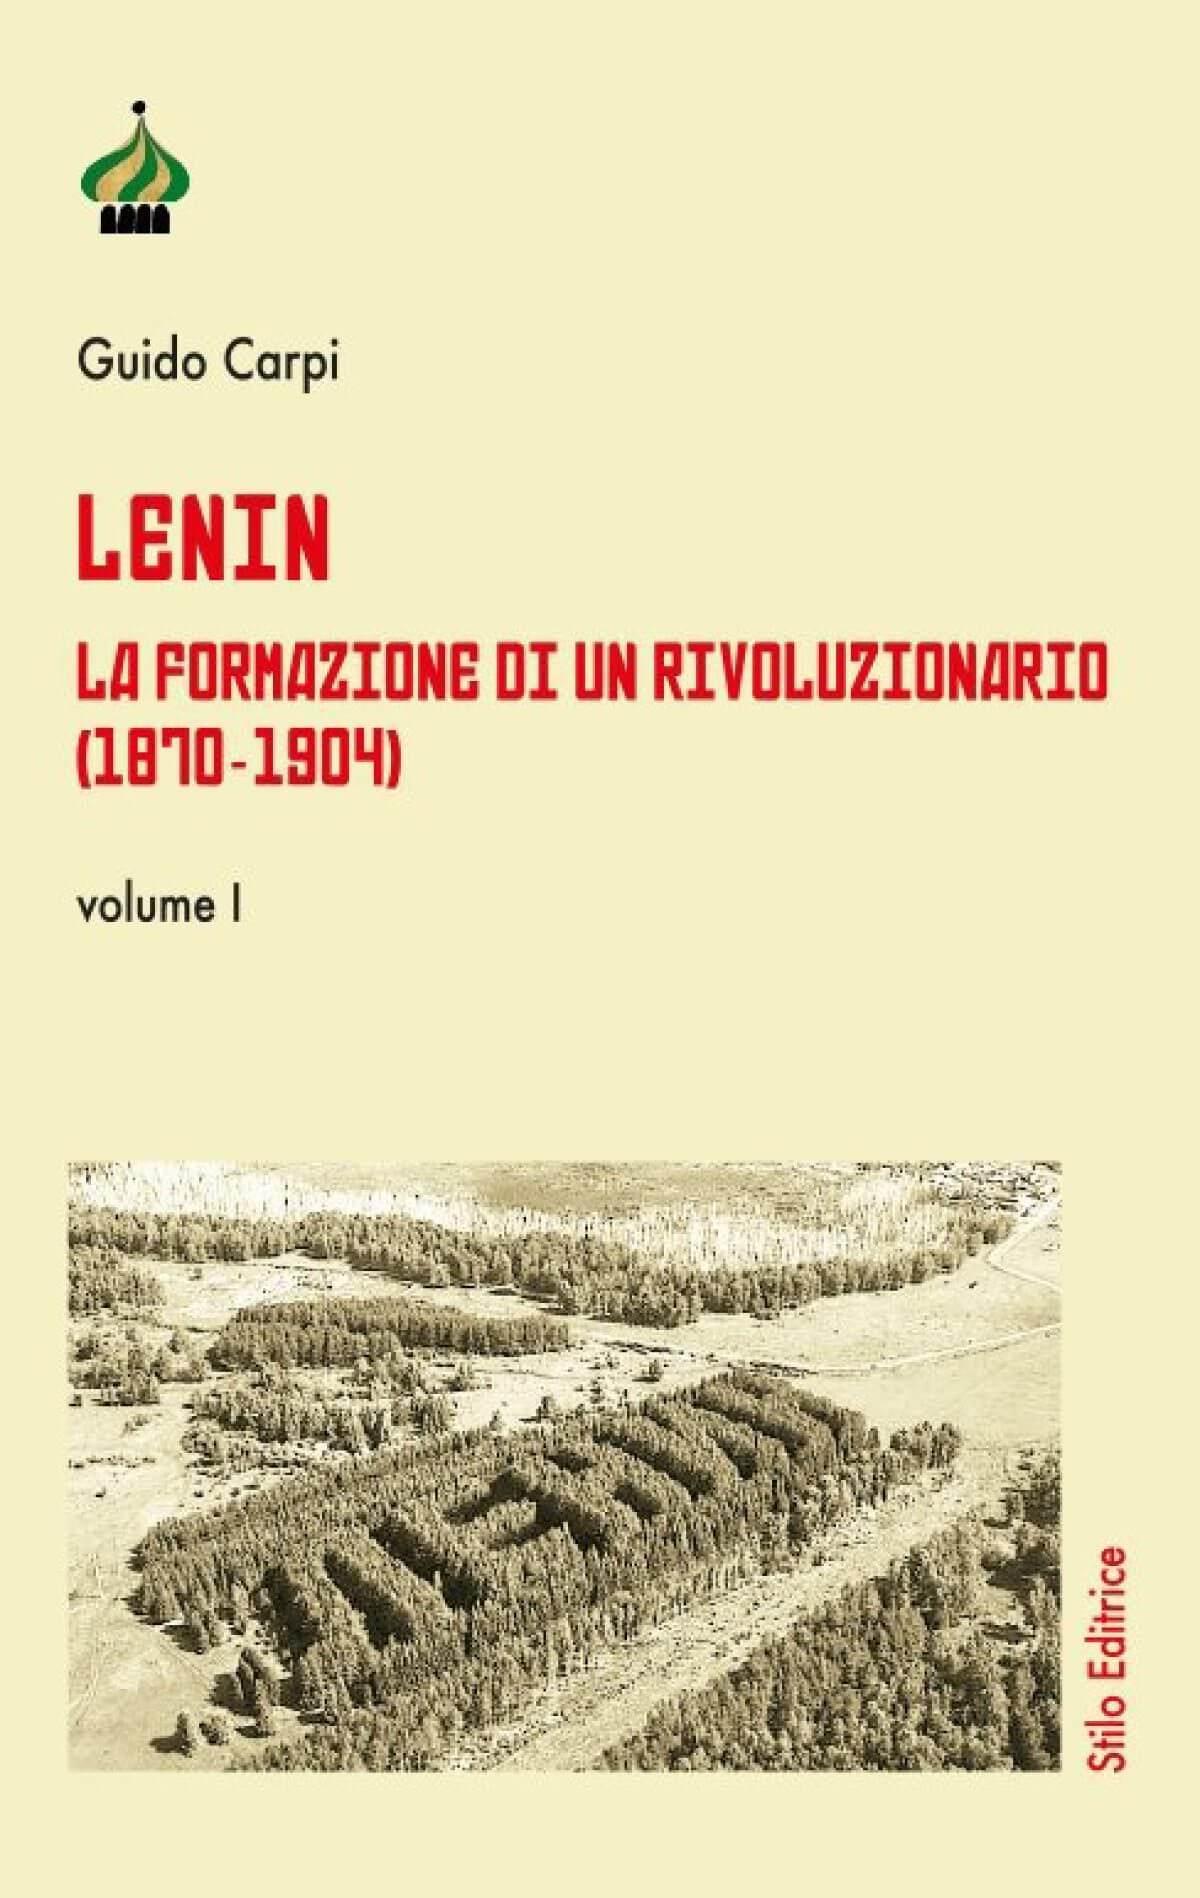 Guido Carpi, Lenin. La formazione di un rivoluzionario